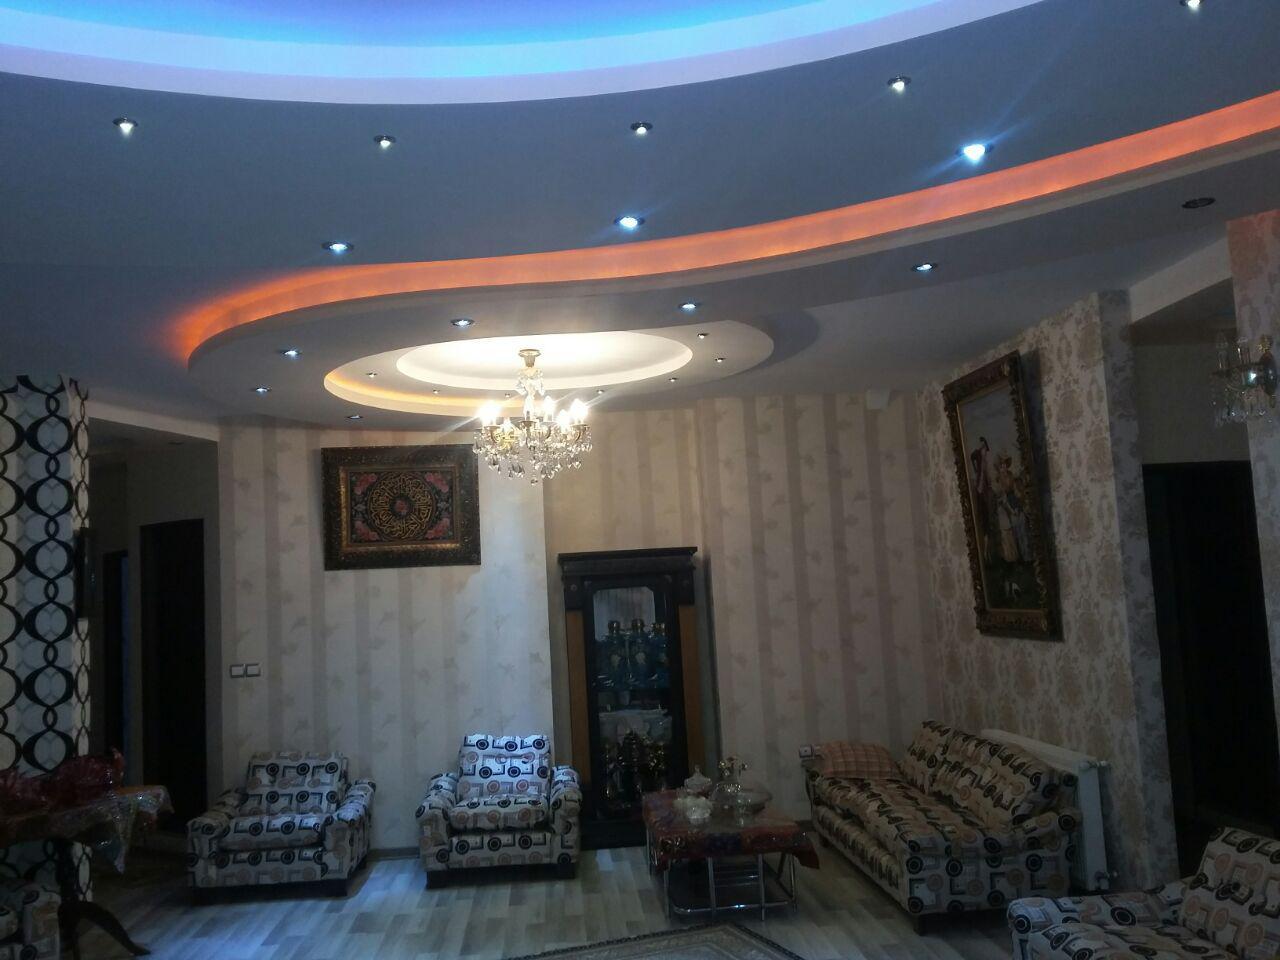 فروش طبقات اول و ششم از آپارتمان 6 طبقه در میدان بسیج